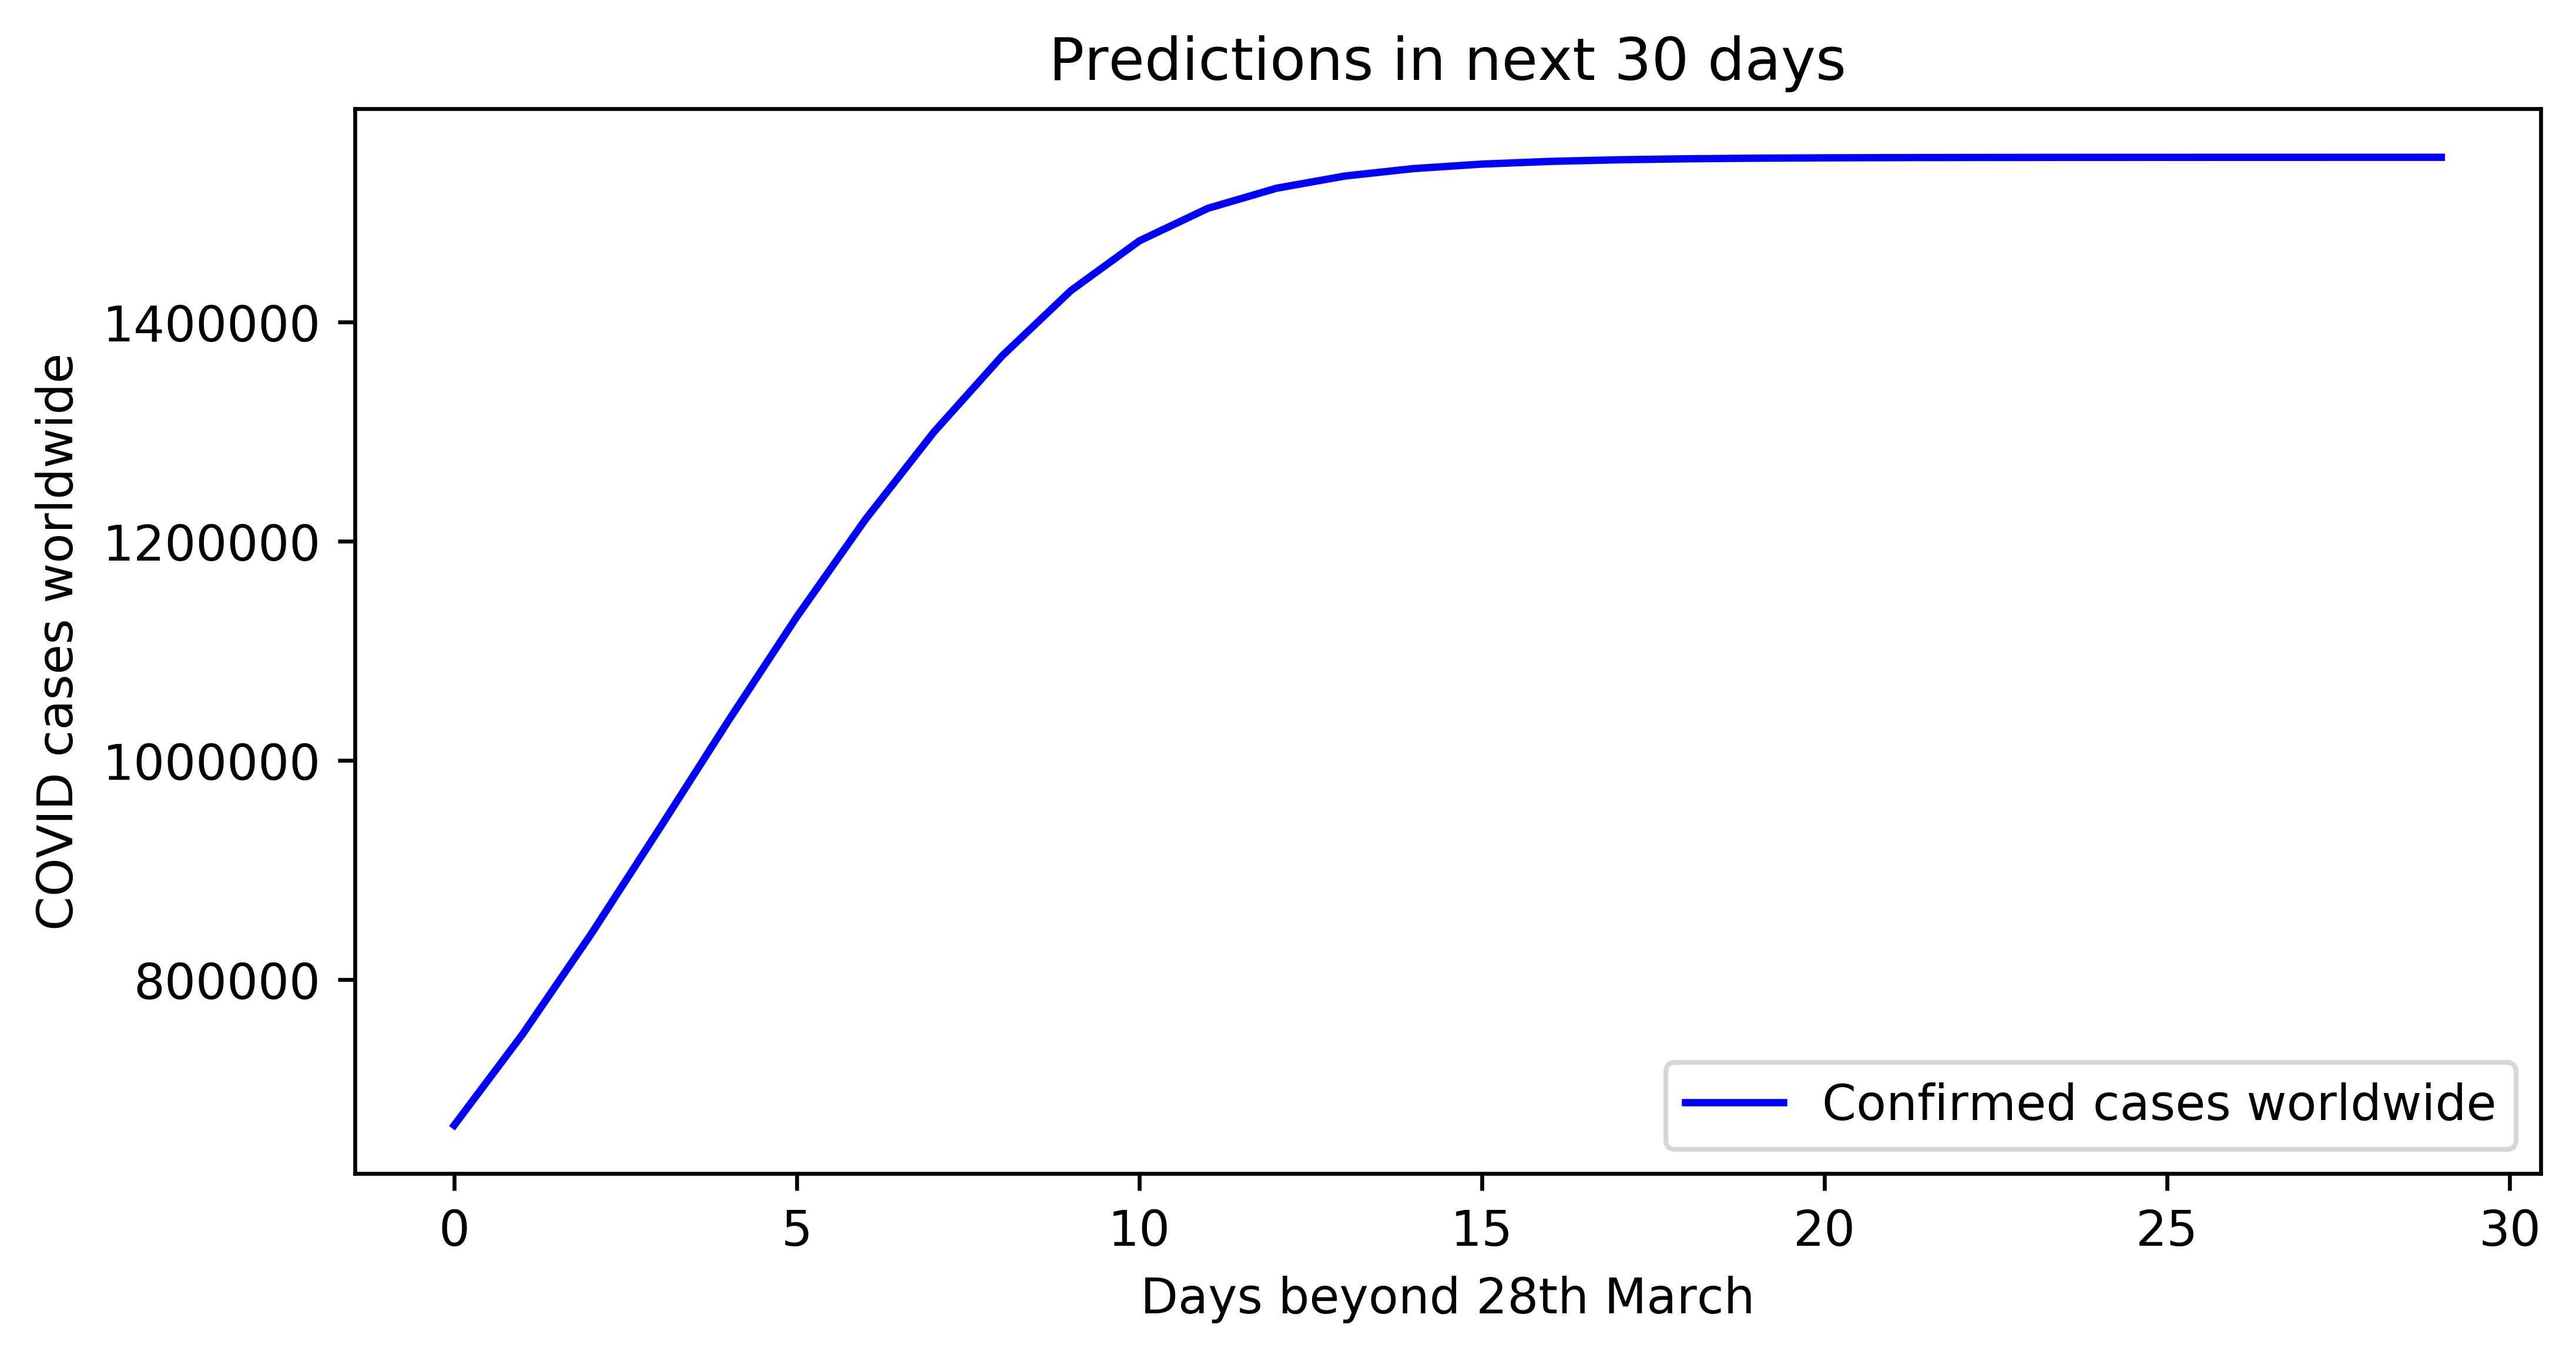 Future Predictions of COVID cases